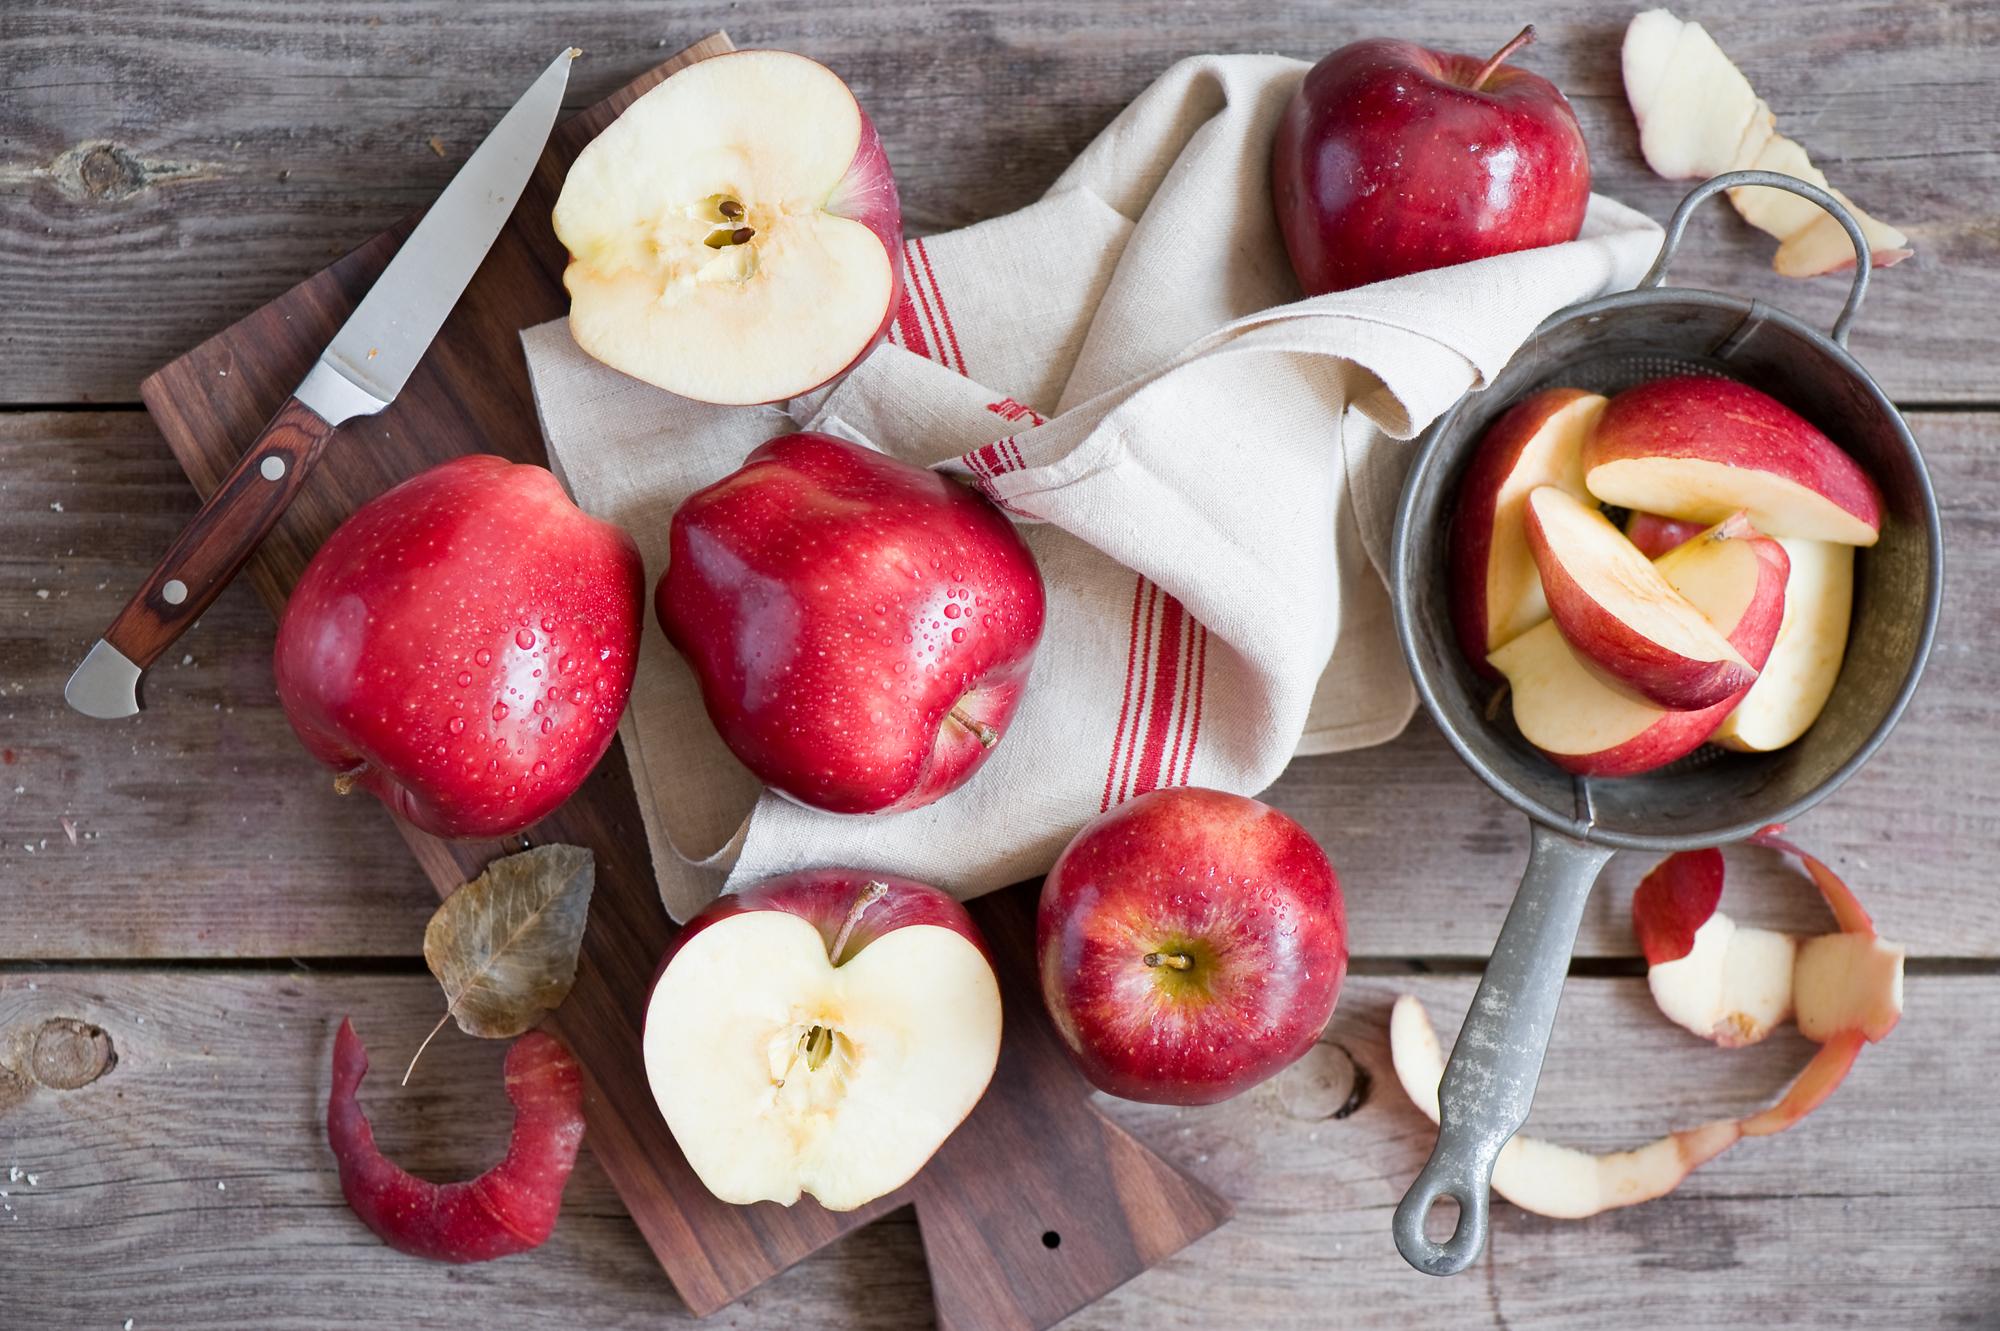 Домашние Яблоки При Похудении. Можно ли похудеть на яблоках: польза и результаты диеты